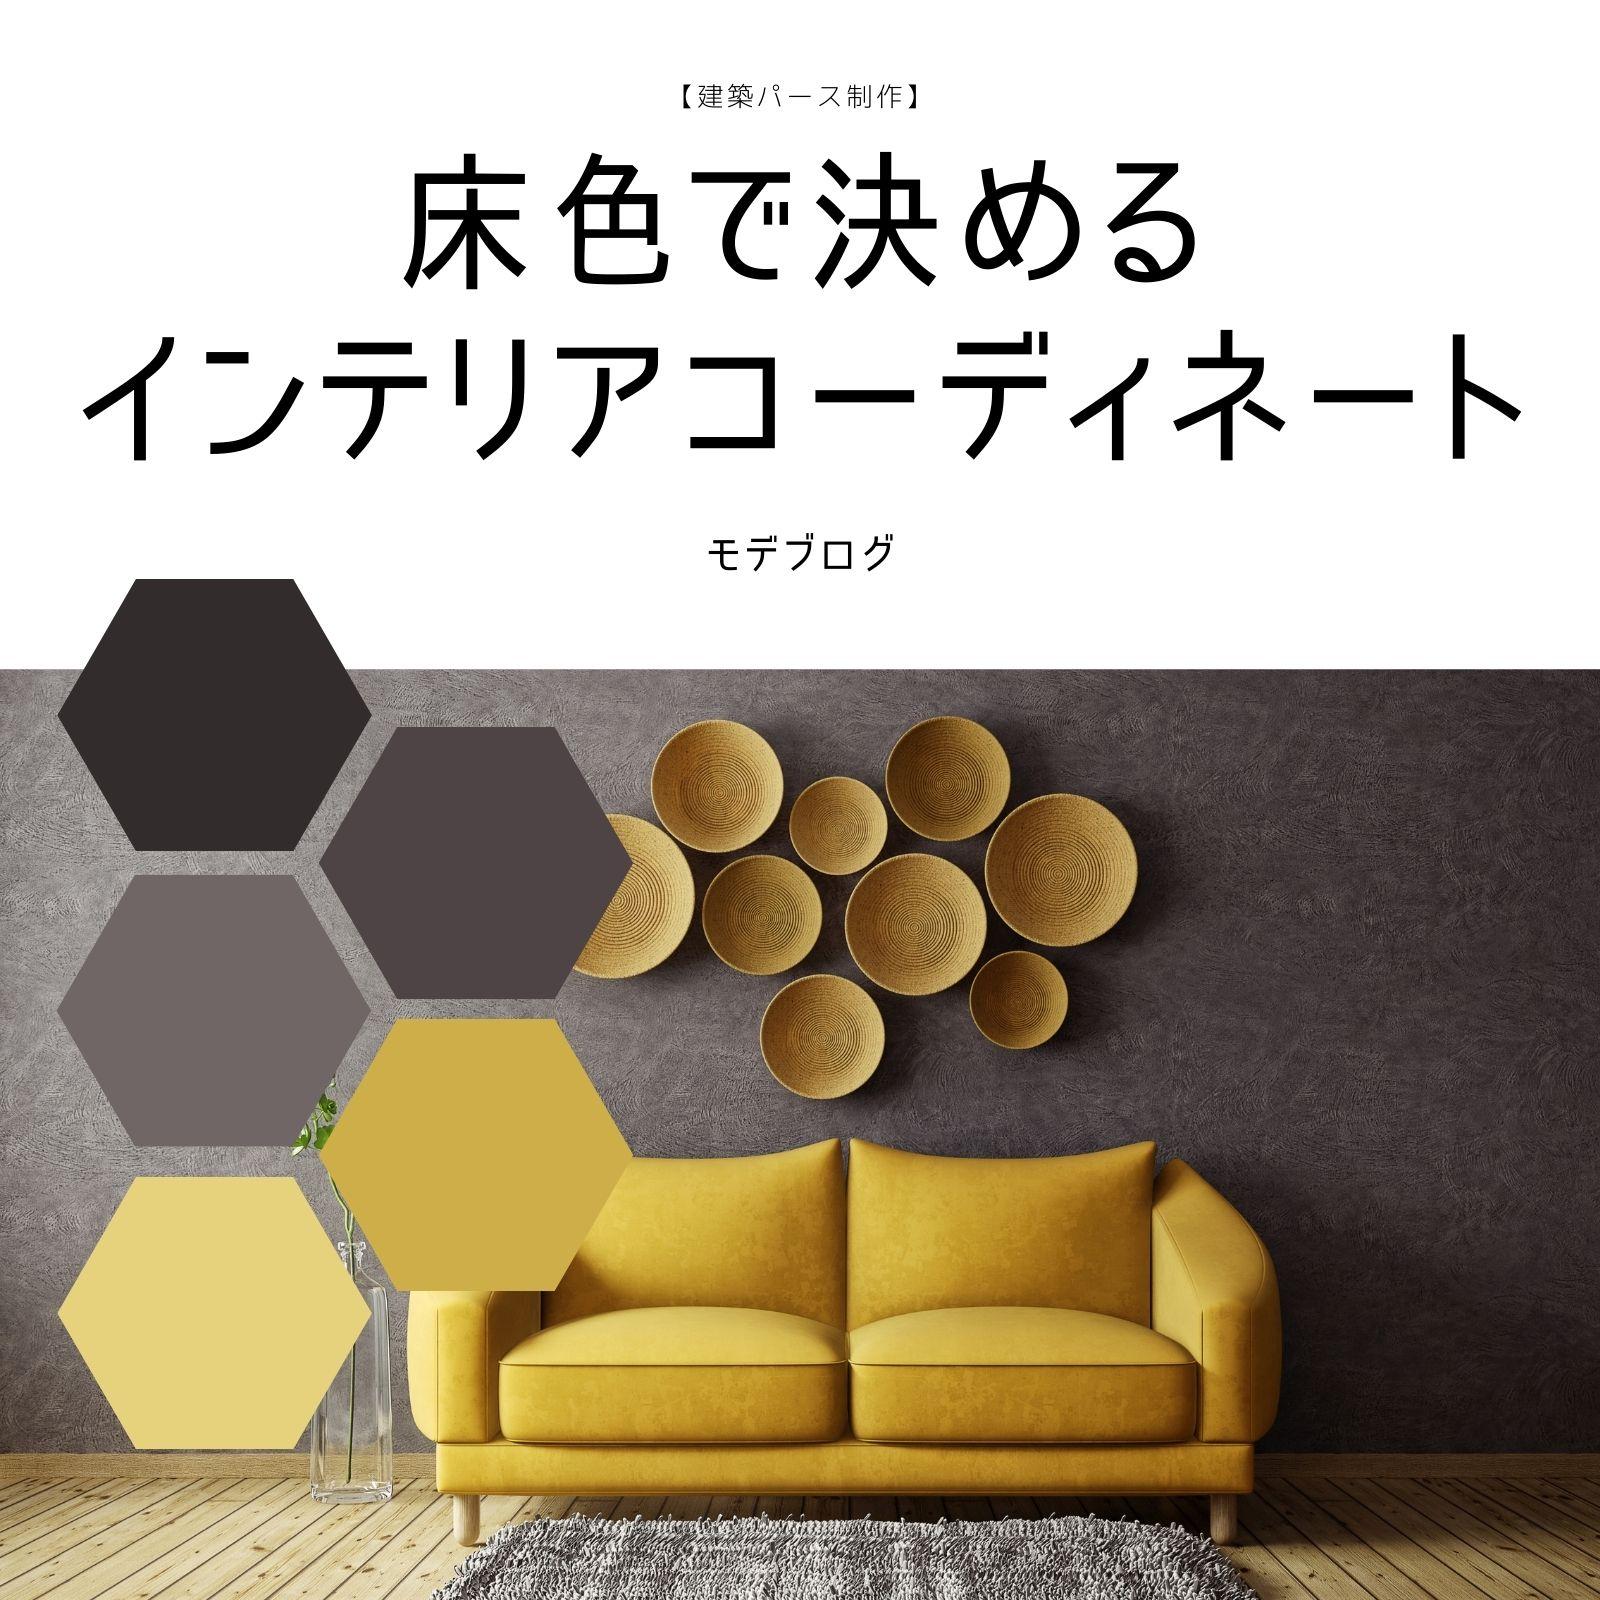 【建築パース制作】床色で決めるインテリアコーディネート